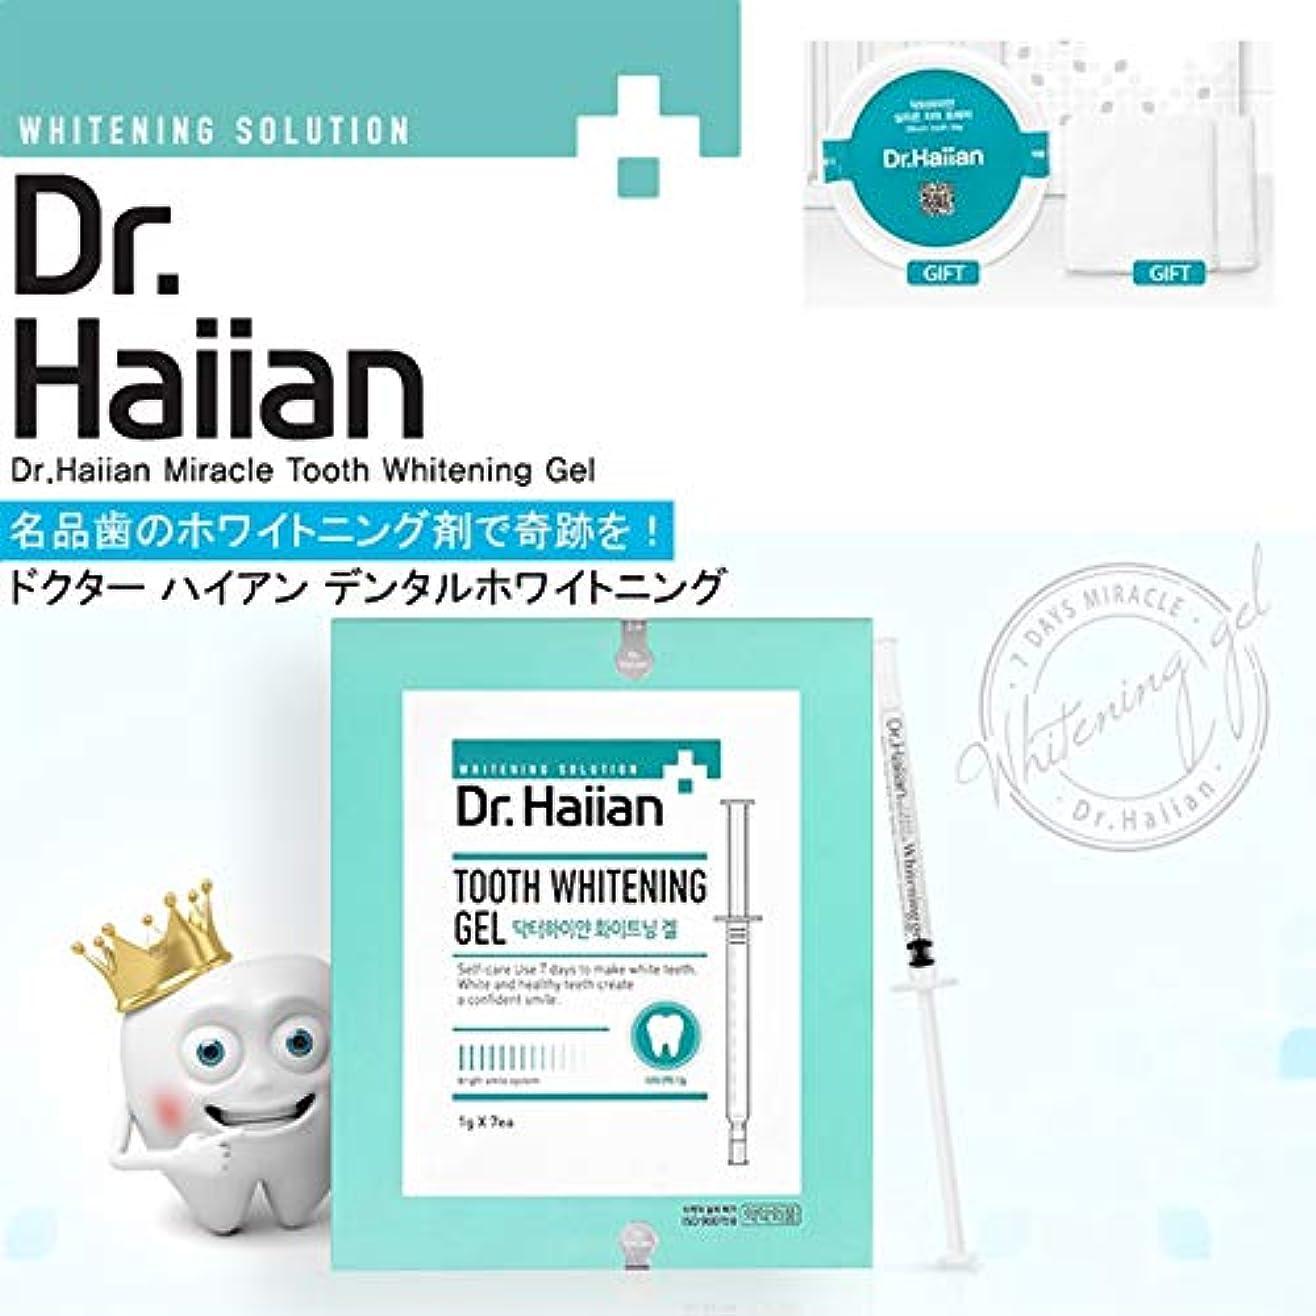 真っ逆さま作る文庫本[SAMSUNG PHARM]Dr.Haiian 7Days Miracle/7日間の奇跡 [SAMSUNG PHARM]白い歯を管理するための/使ったら歯が白くなる!/Self-Teeth Whitening Agent...